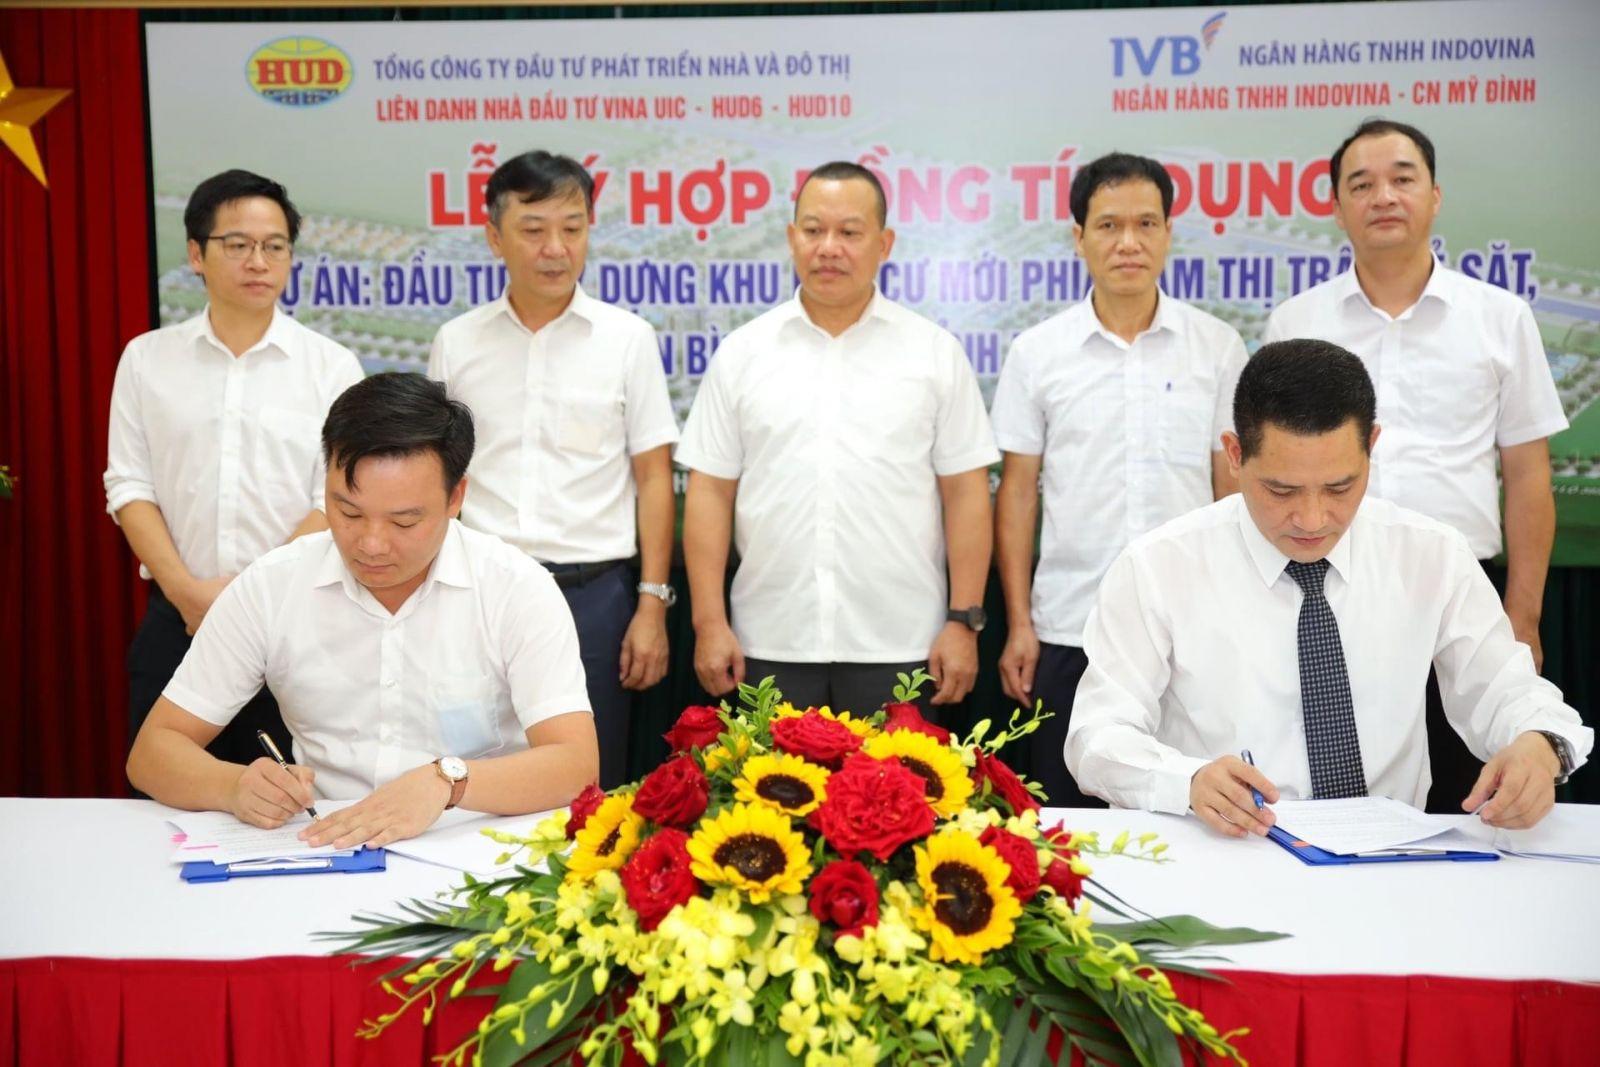 Liên danh VINA UIC - HUD6 - HUD10 và Ngân hàng IVB ký kết hợp đồng tín dụng triển khai Dự án: Đầu tư xây dựng Khu dân cư mới phía Nam thị trấn Kẻ Sặt, huyện Bình Giang.